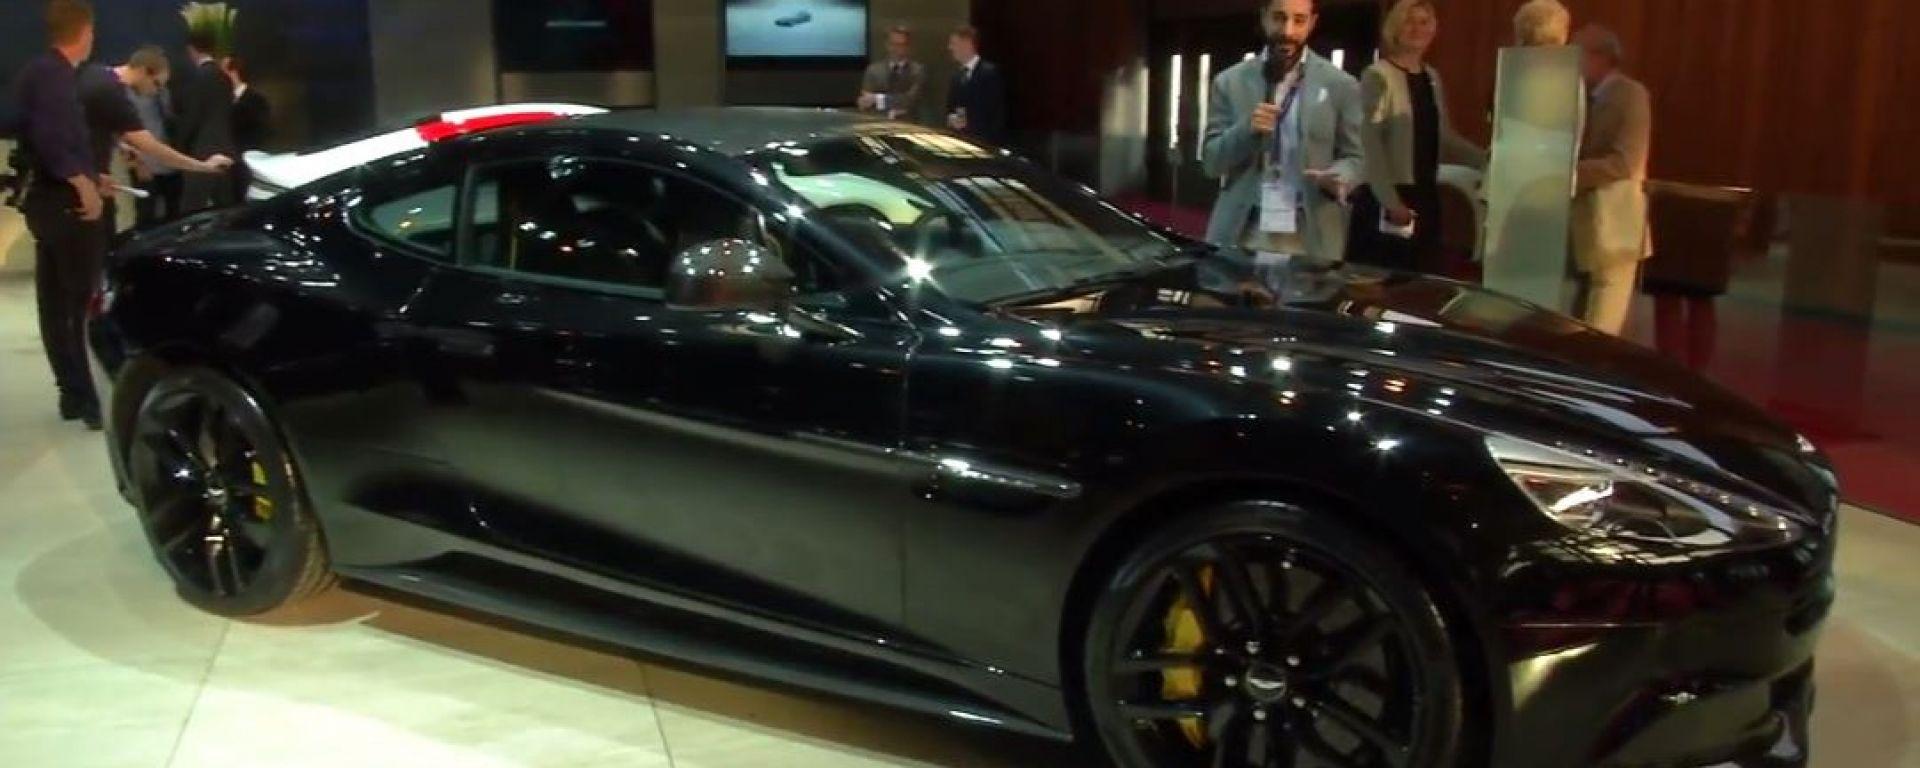 Salone di Parigi 2014, lo stand Aston Martin